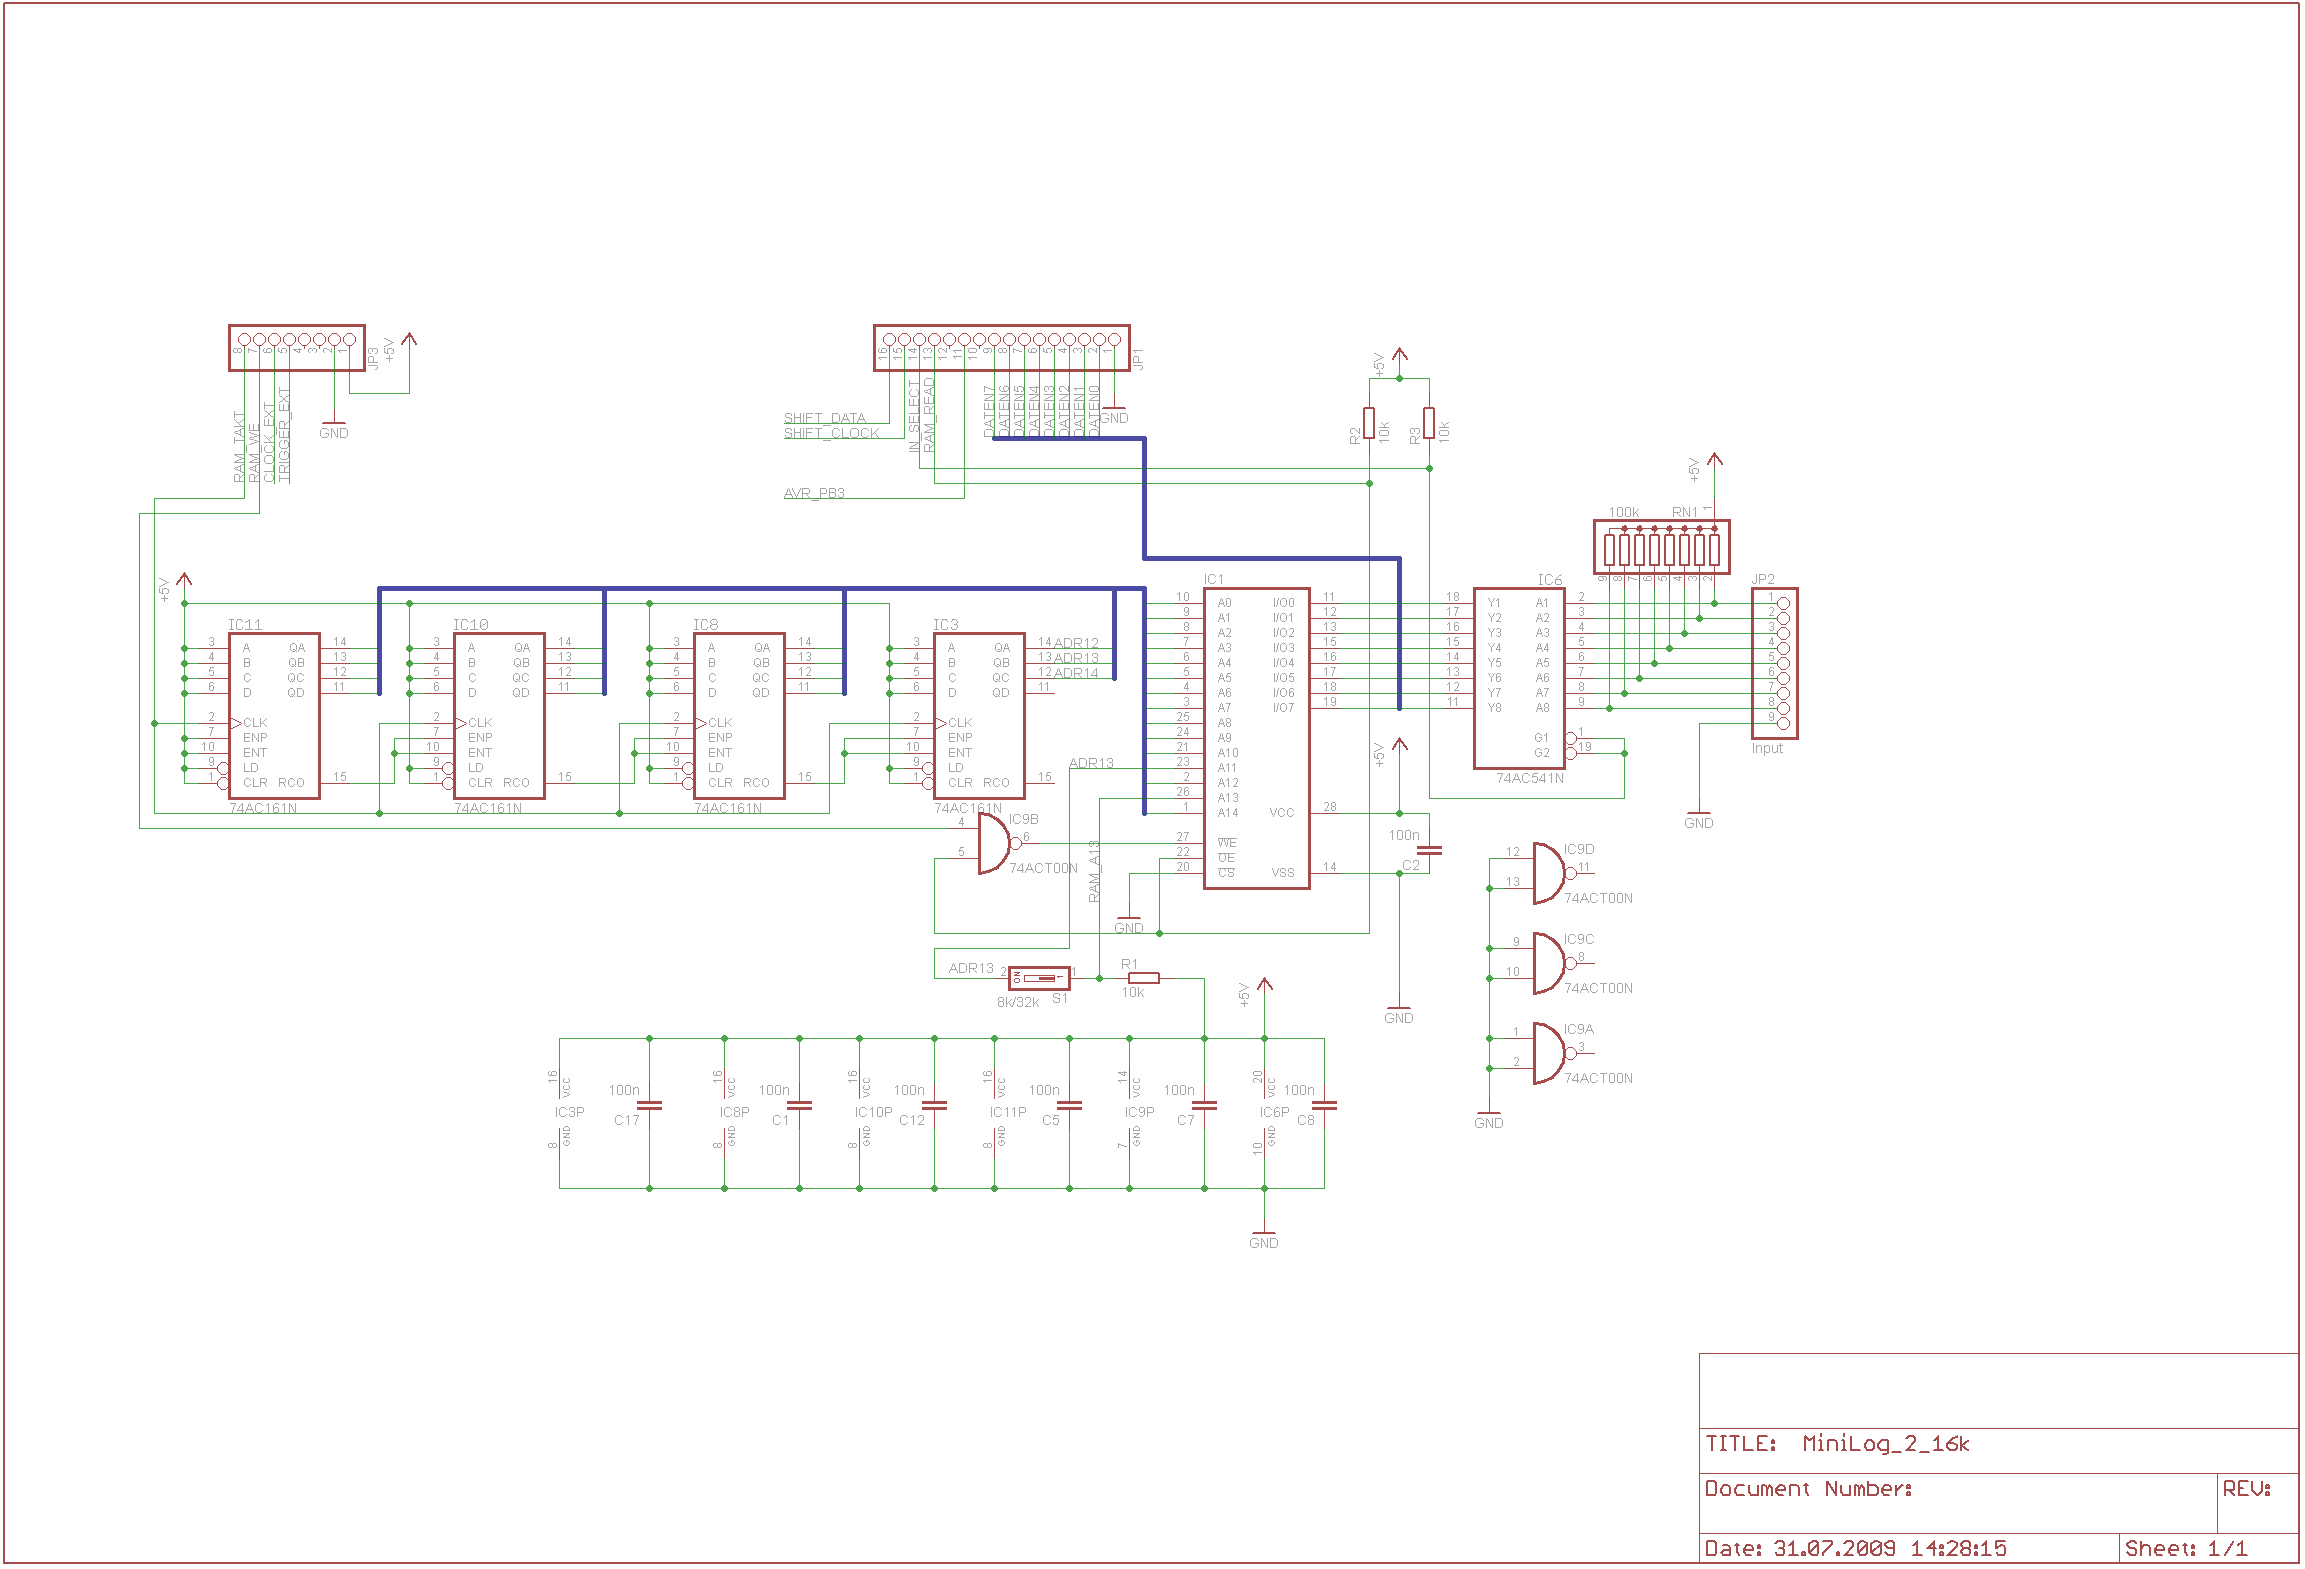 Ziemlich Hausschaltplan Pdf Fotos - Schaltplan Serie Circuit ...